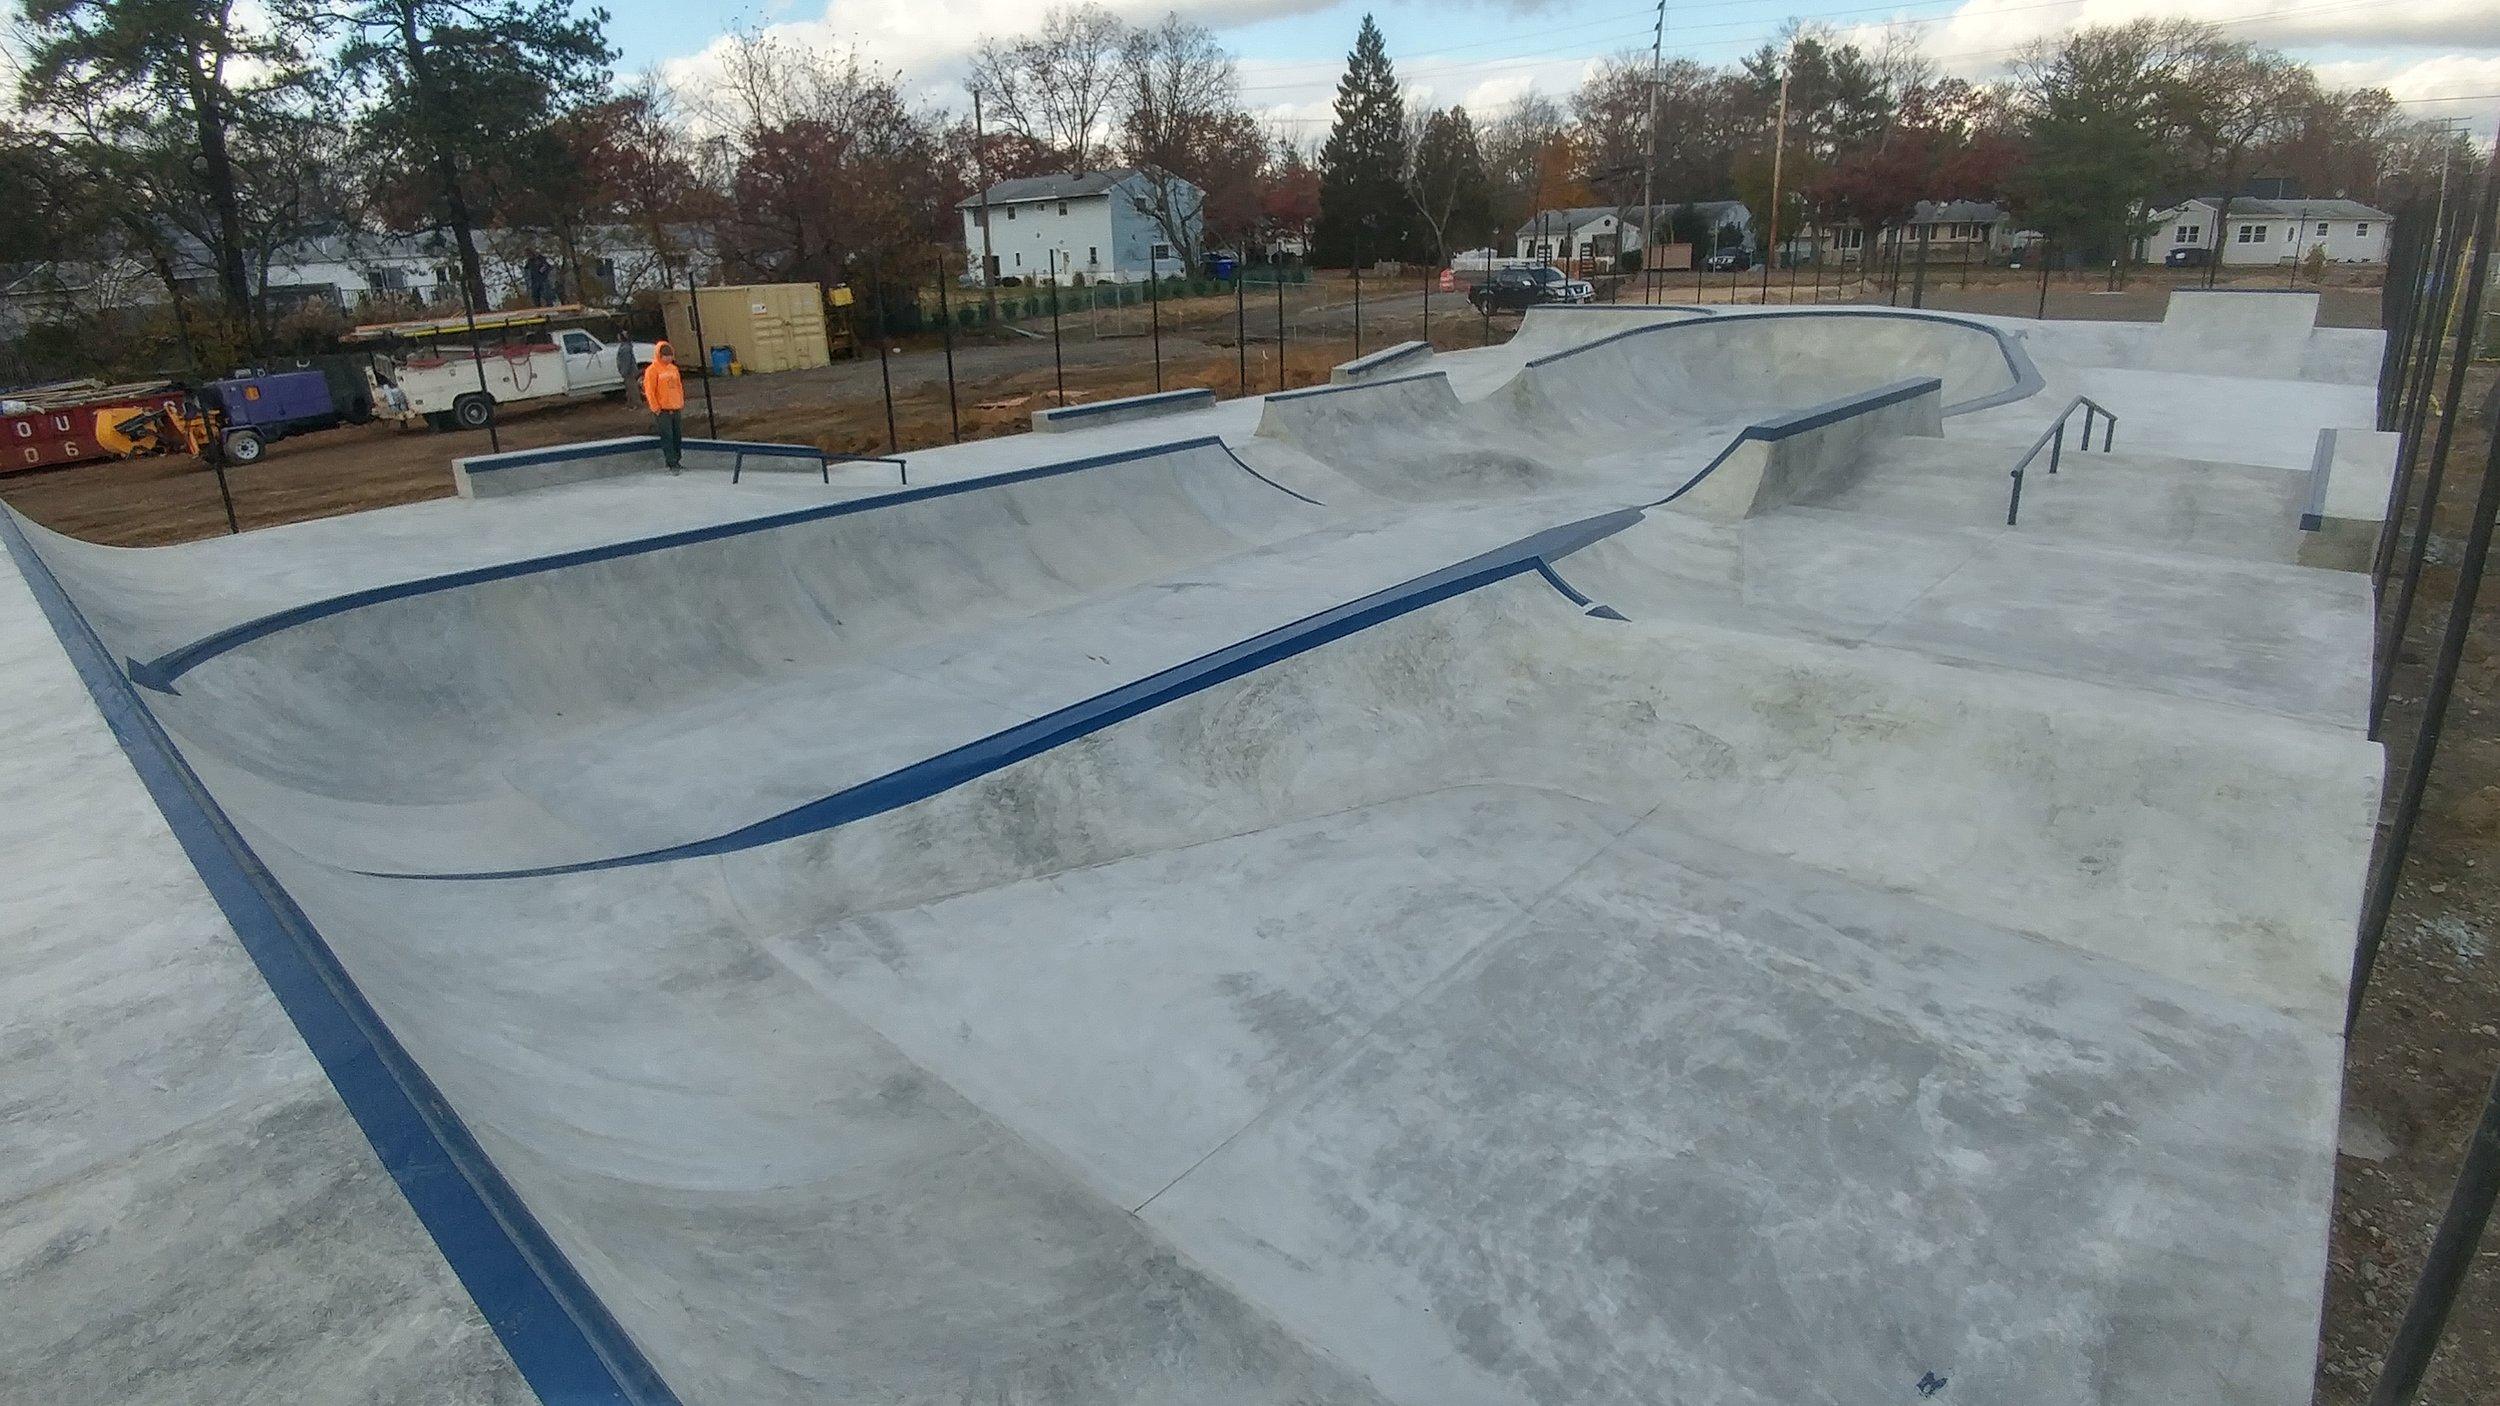 Brick Skatepark - Brick, NJ